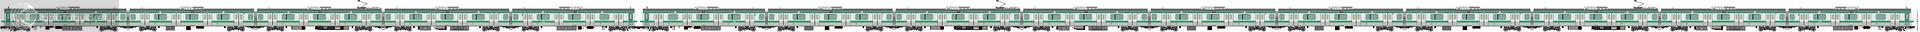 [5554] East Japan Railway 1954